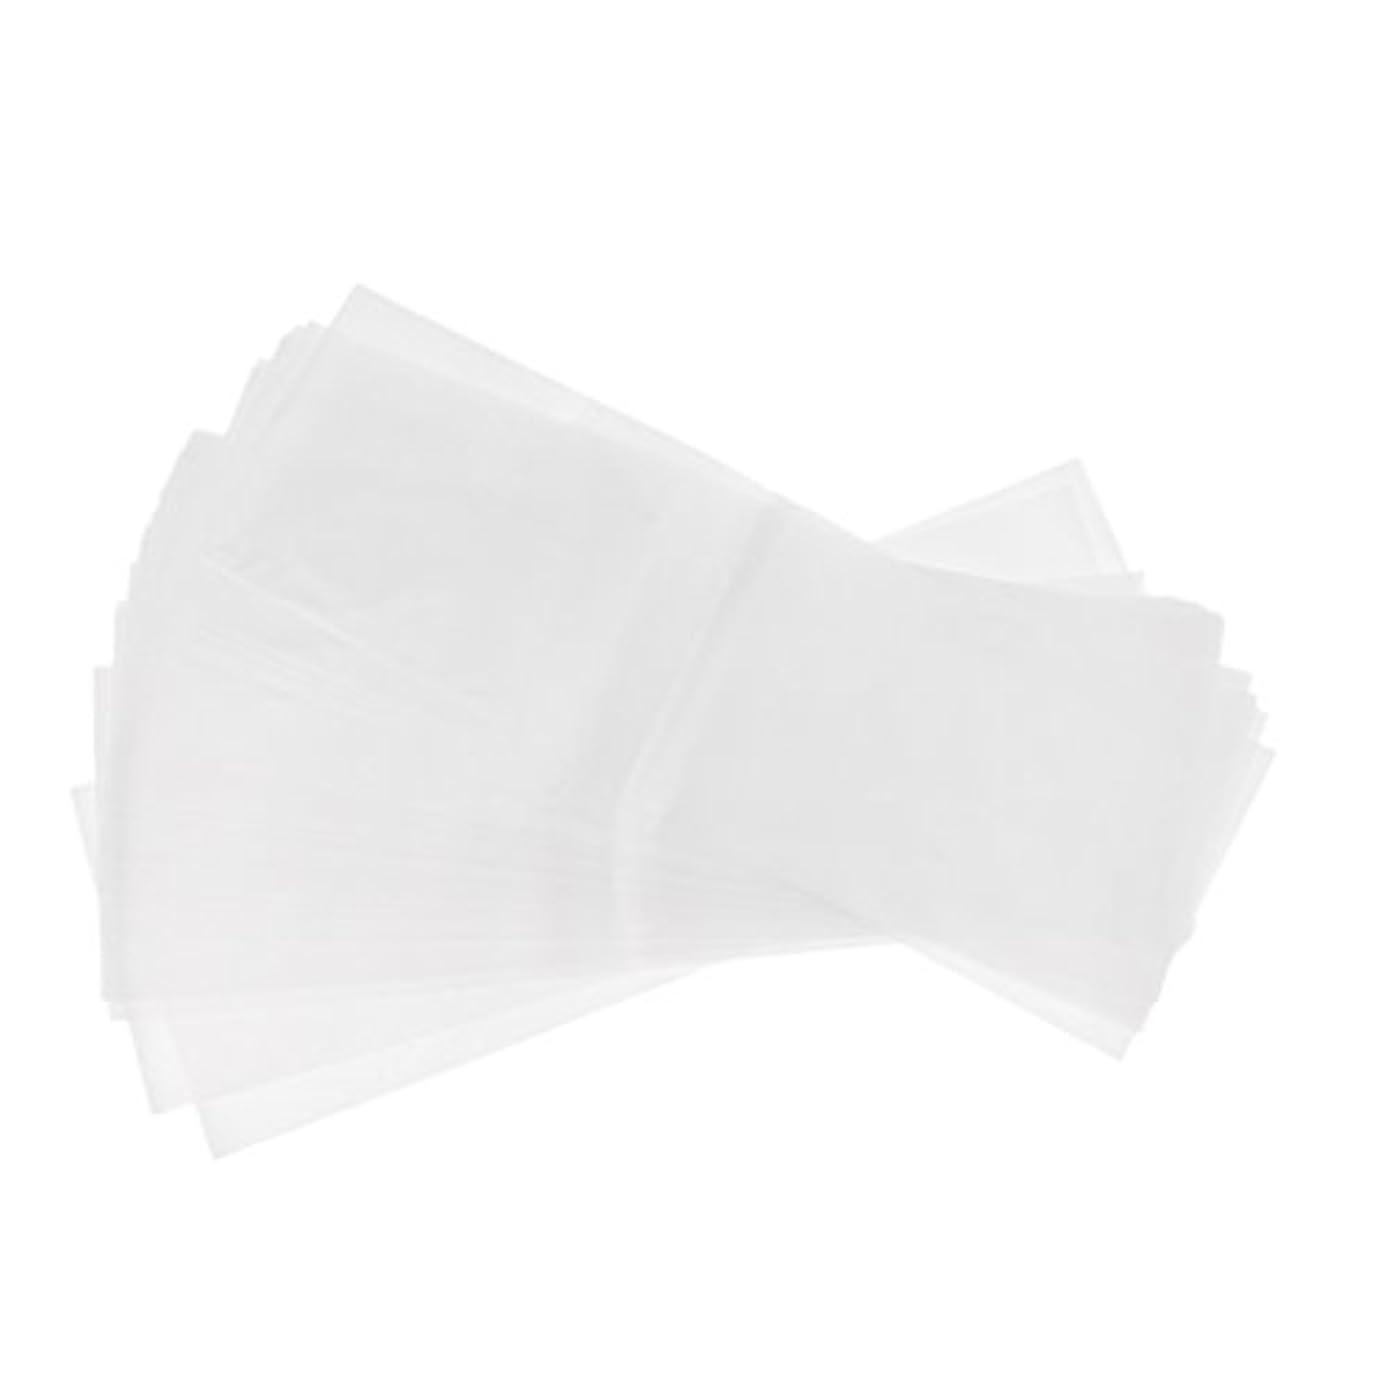 技術的なオアシスアトミックPerfk 約50枚 プラスチック製 染毛紙 ハイライトシート サロン ヘア染めツール 再利用可能  髪染め 2タイプ選べ - ホワイト